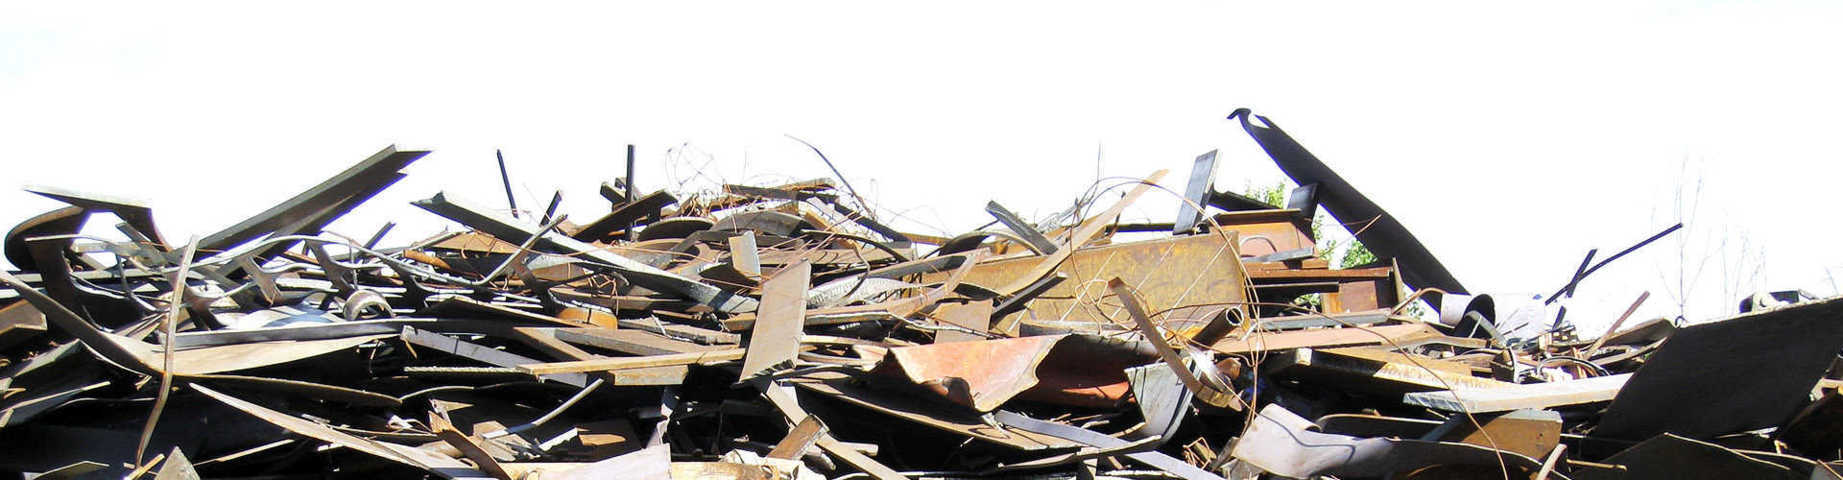 Vietato bruciare legna proveniente da demolizione